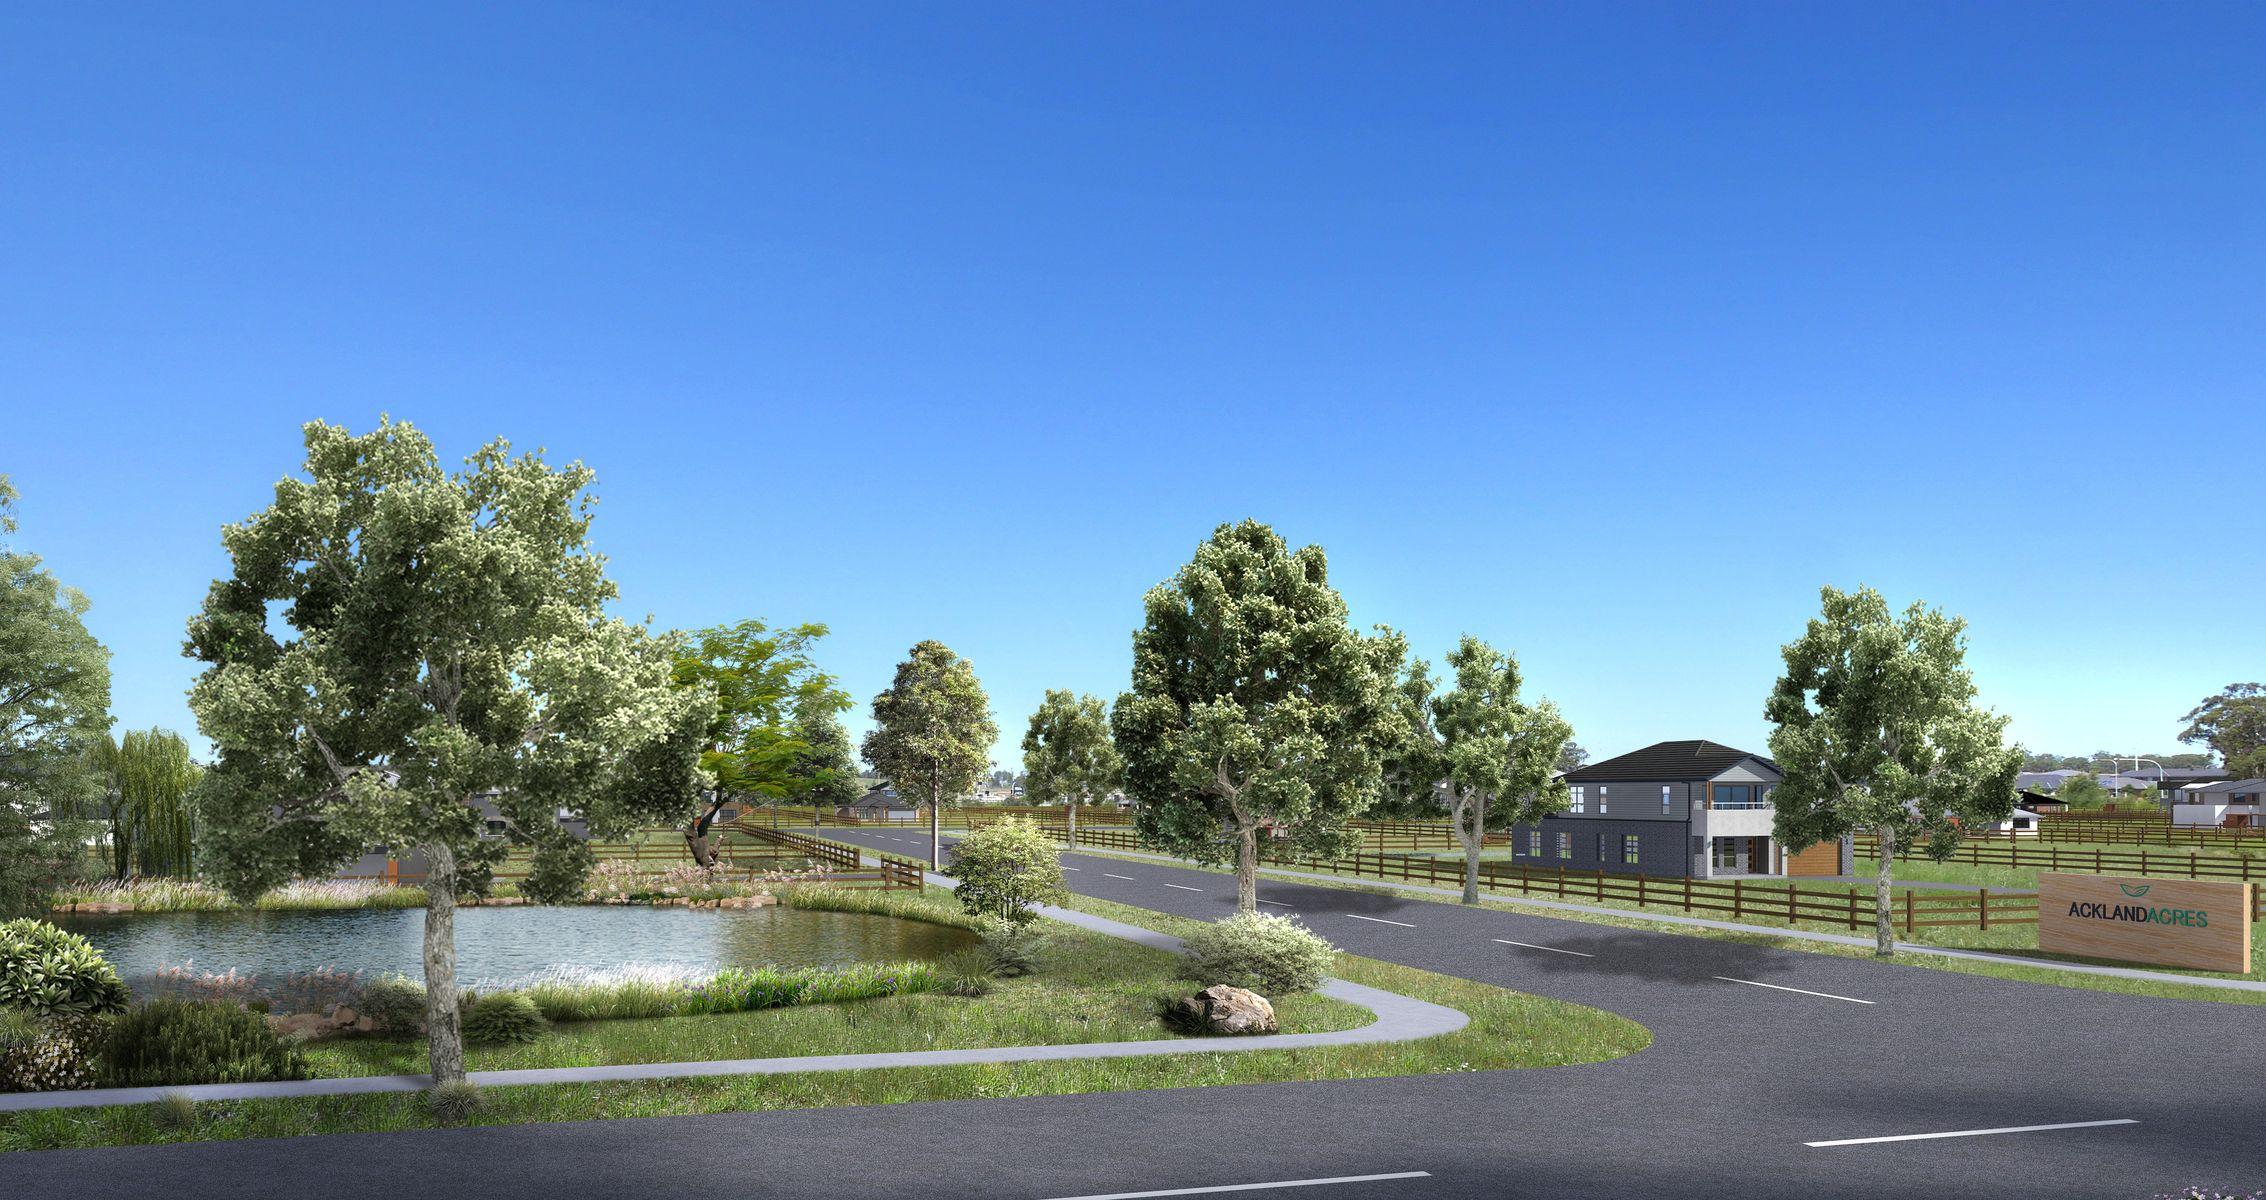 Lot 47 Ackland Acres, Lethbridge, VIC 3332